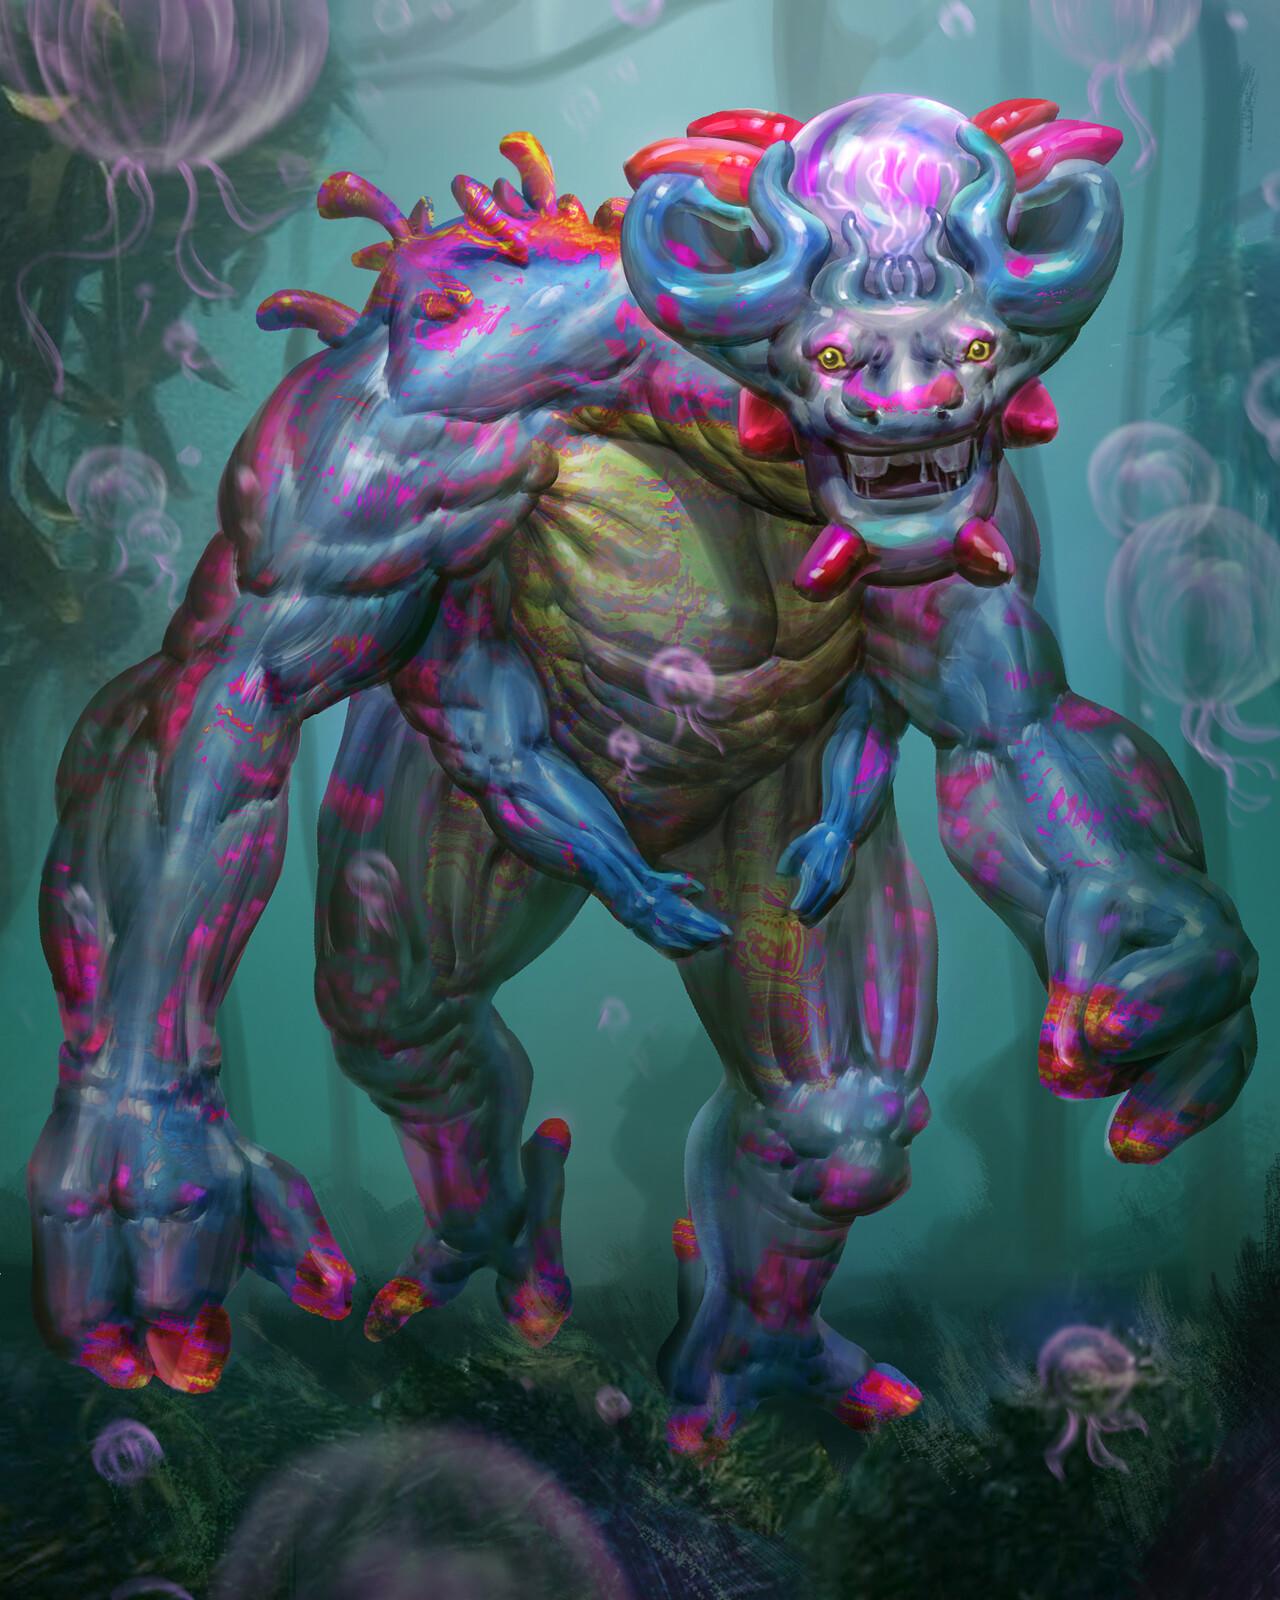 6 Limbs Aquatic Creature